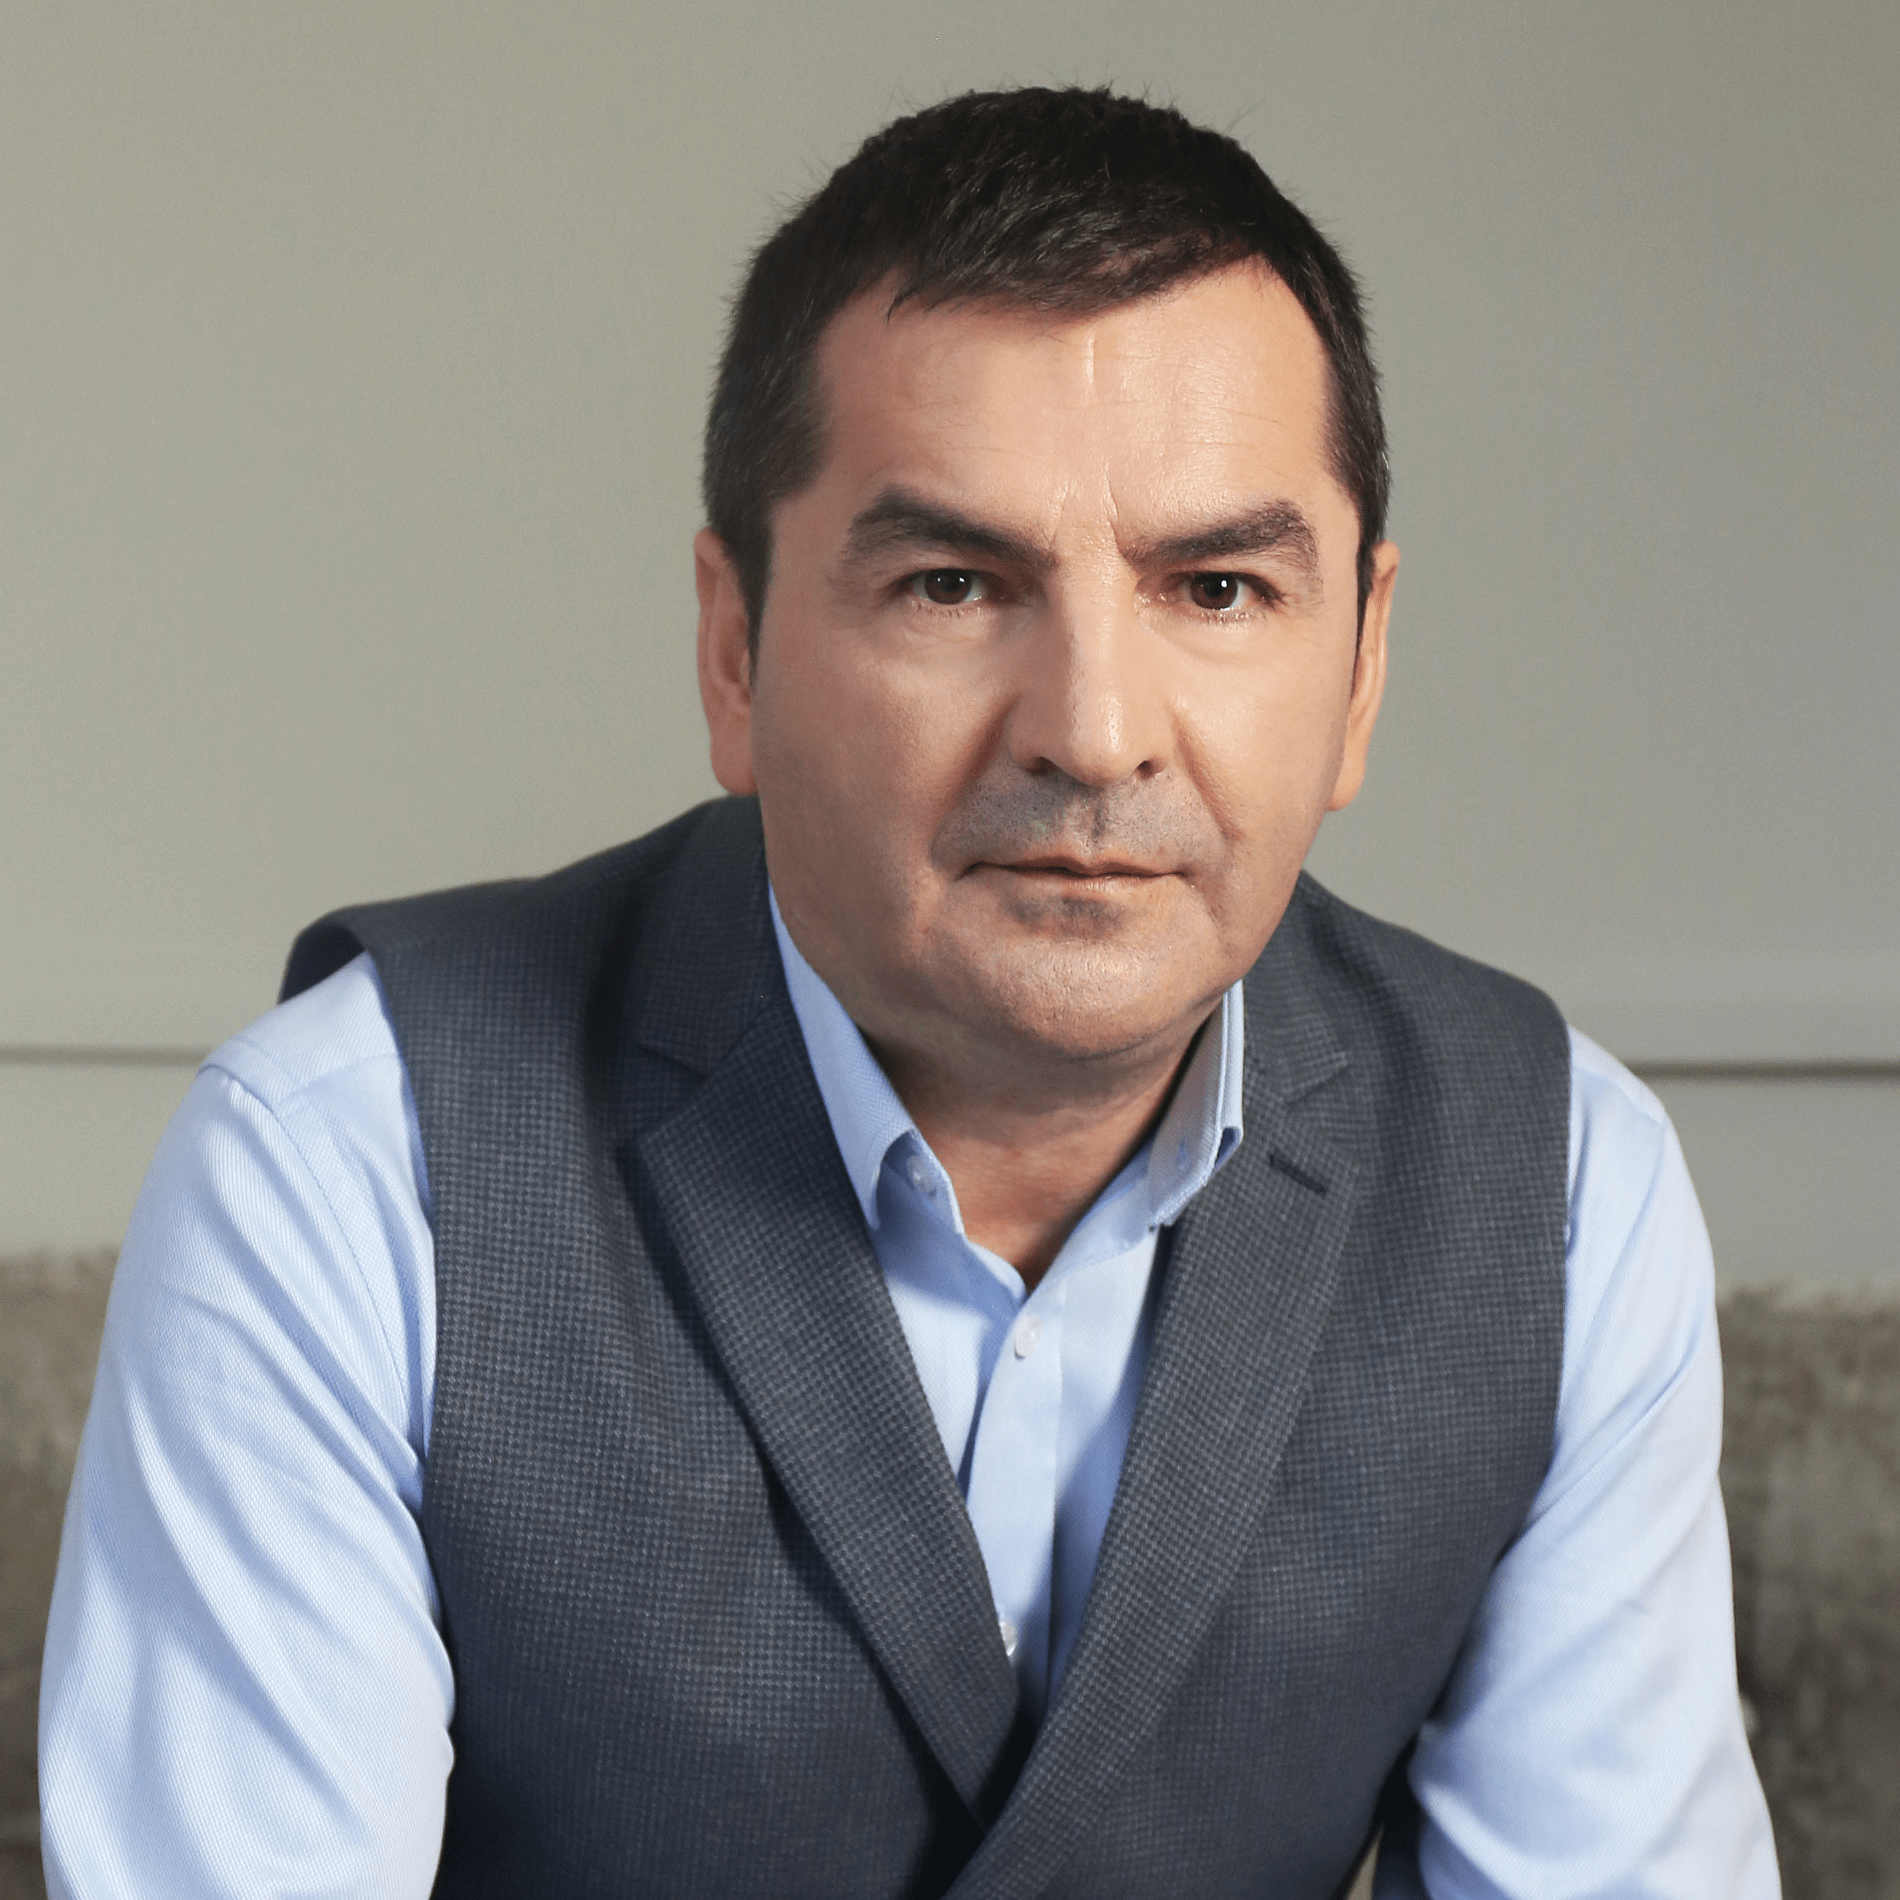 Paweł Jarząbek